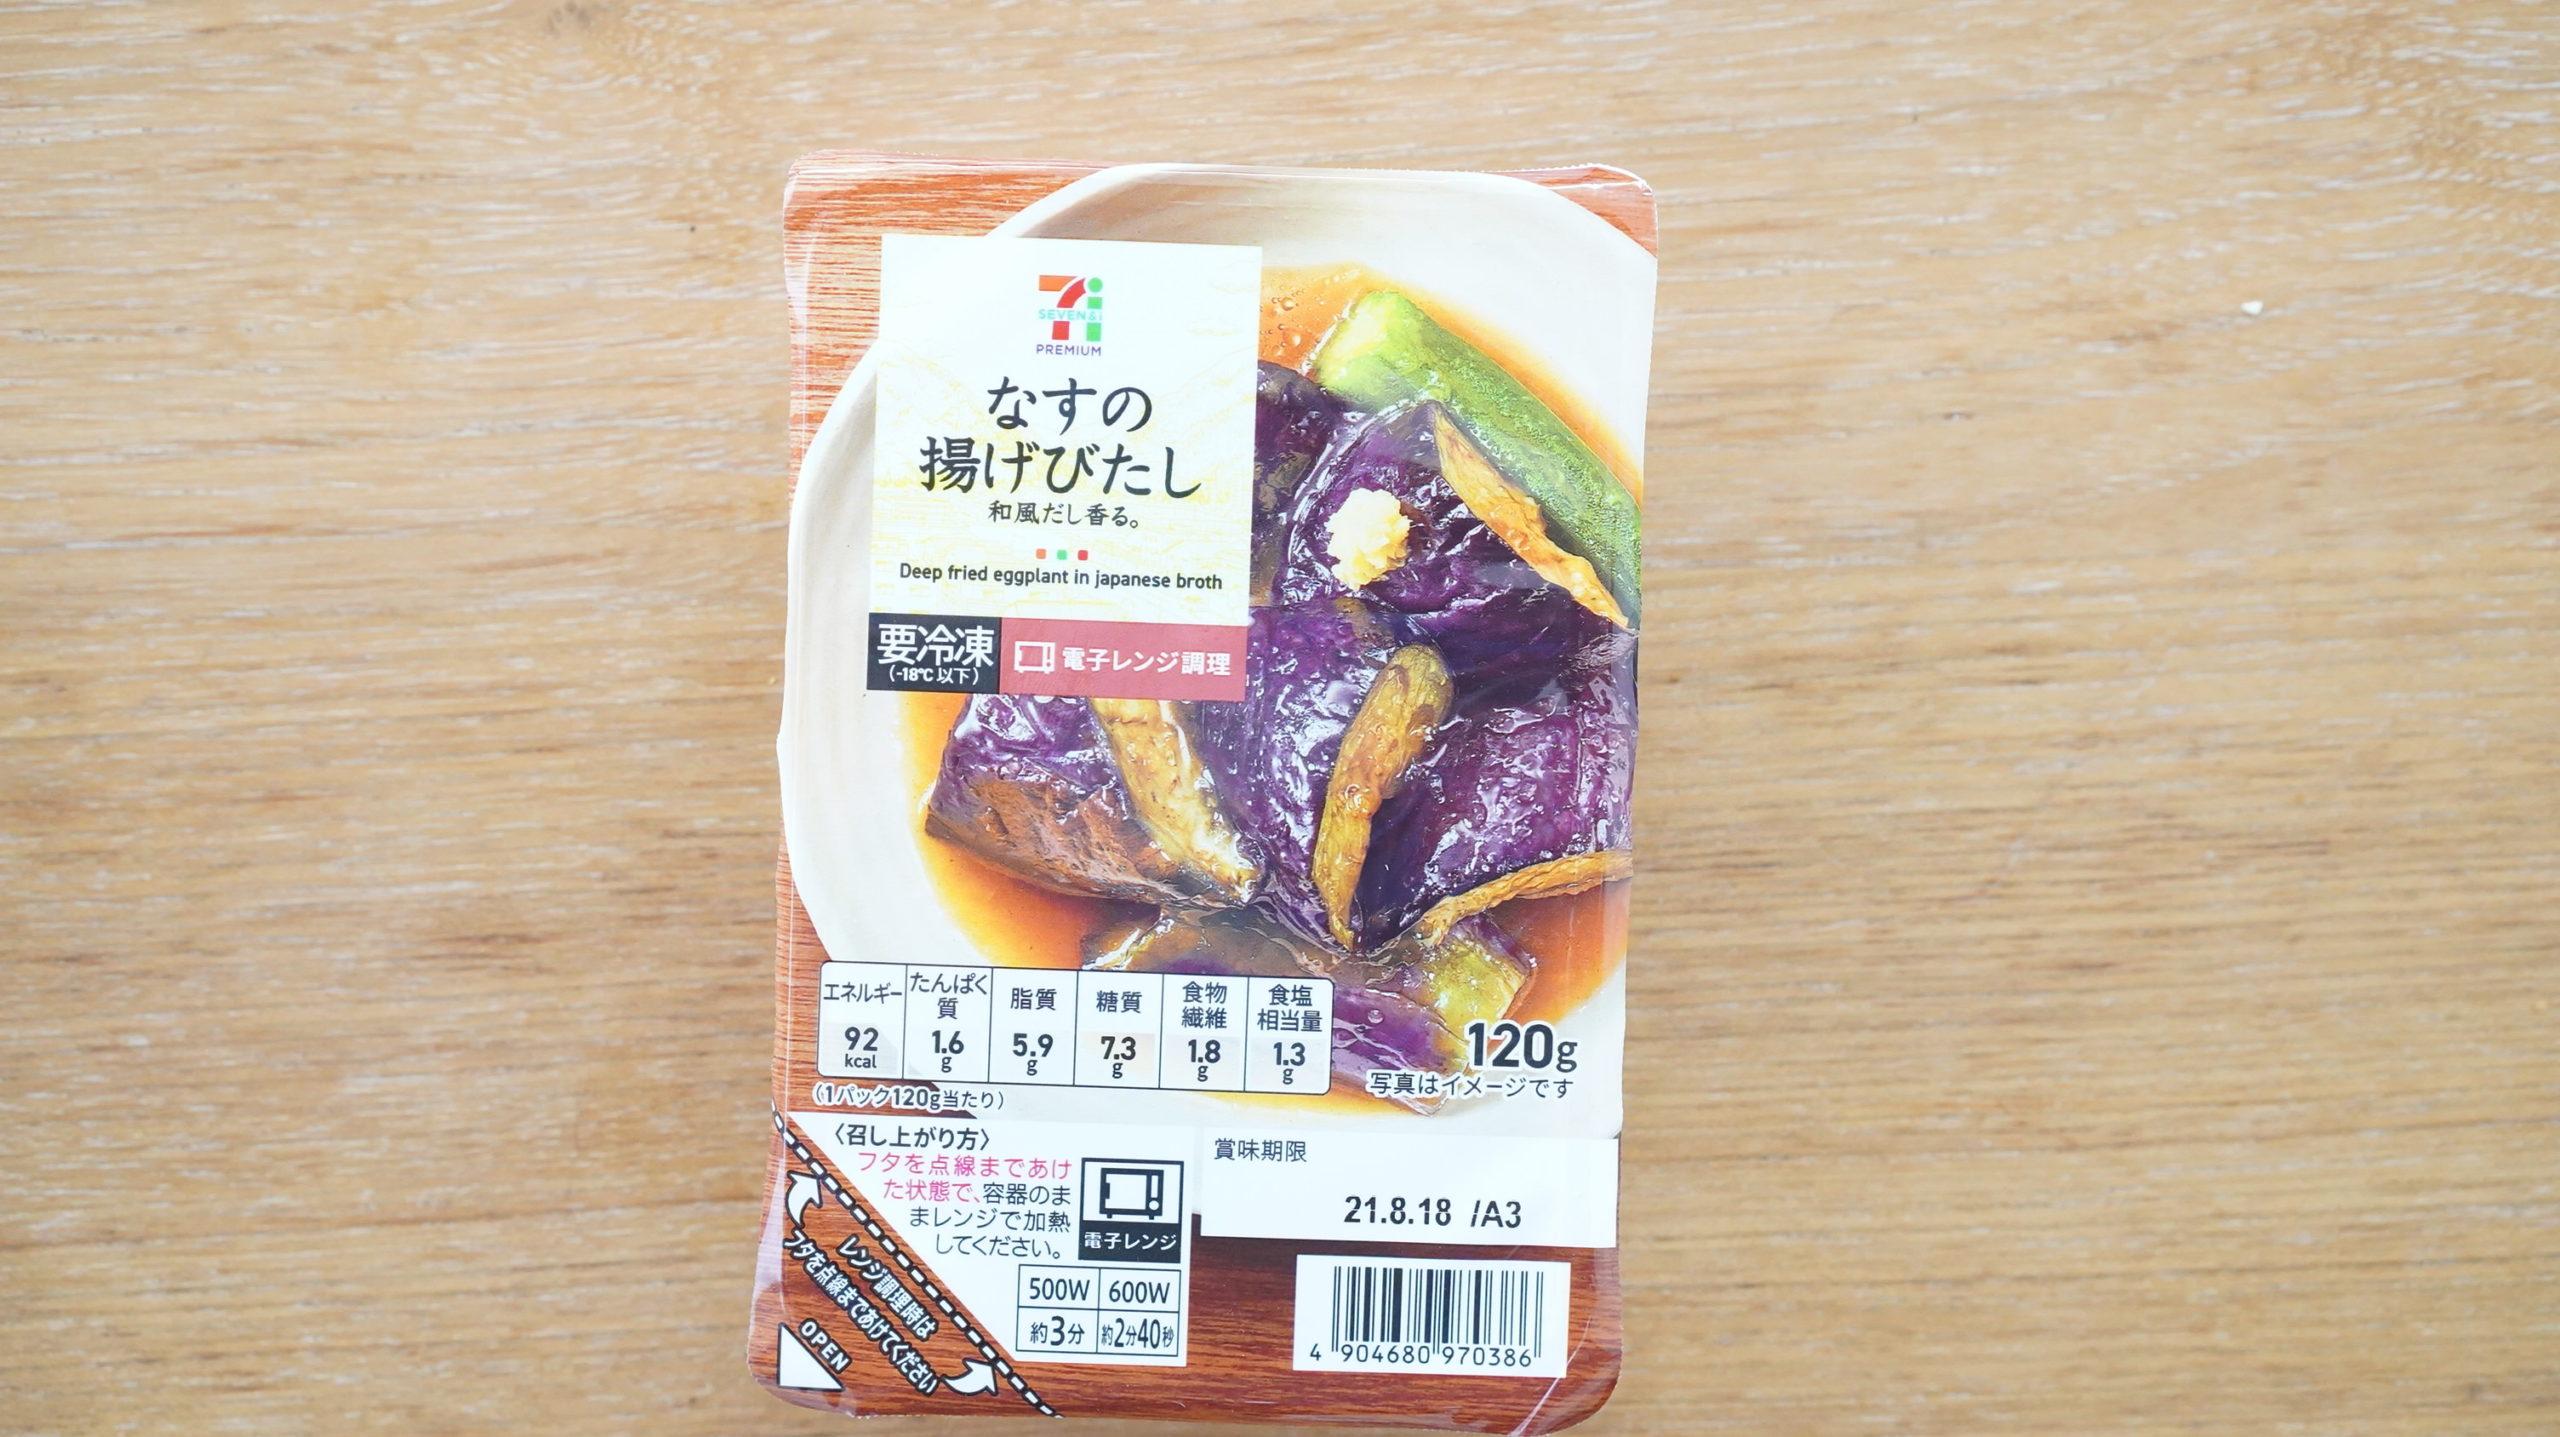 セブンイレブンのおすすめ冷凍食品「なすの揚げびたし」のパッケージ写真